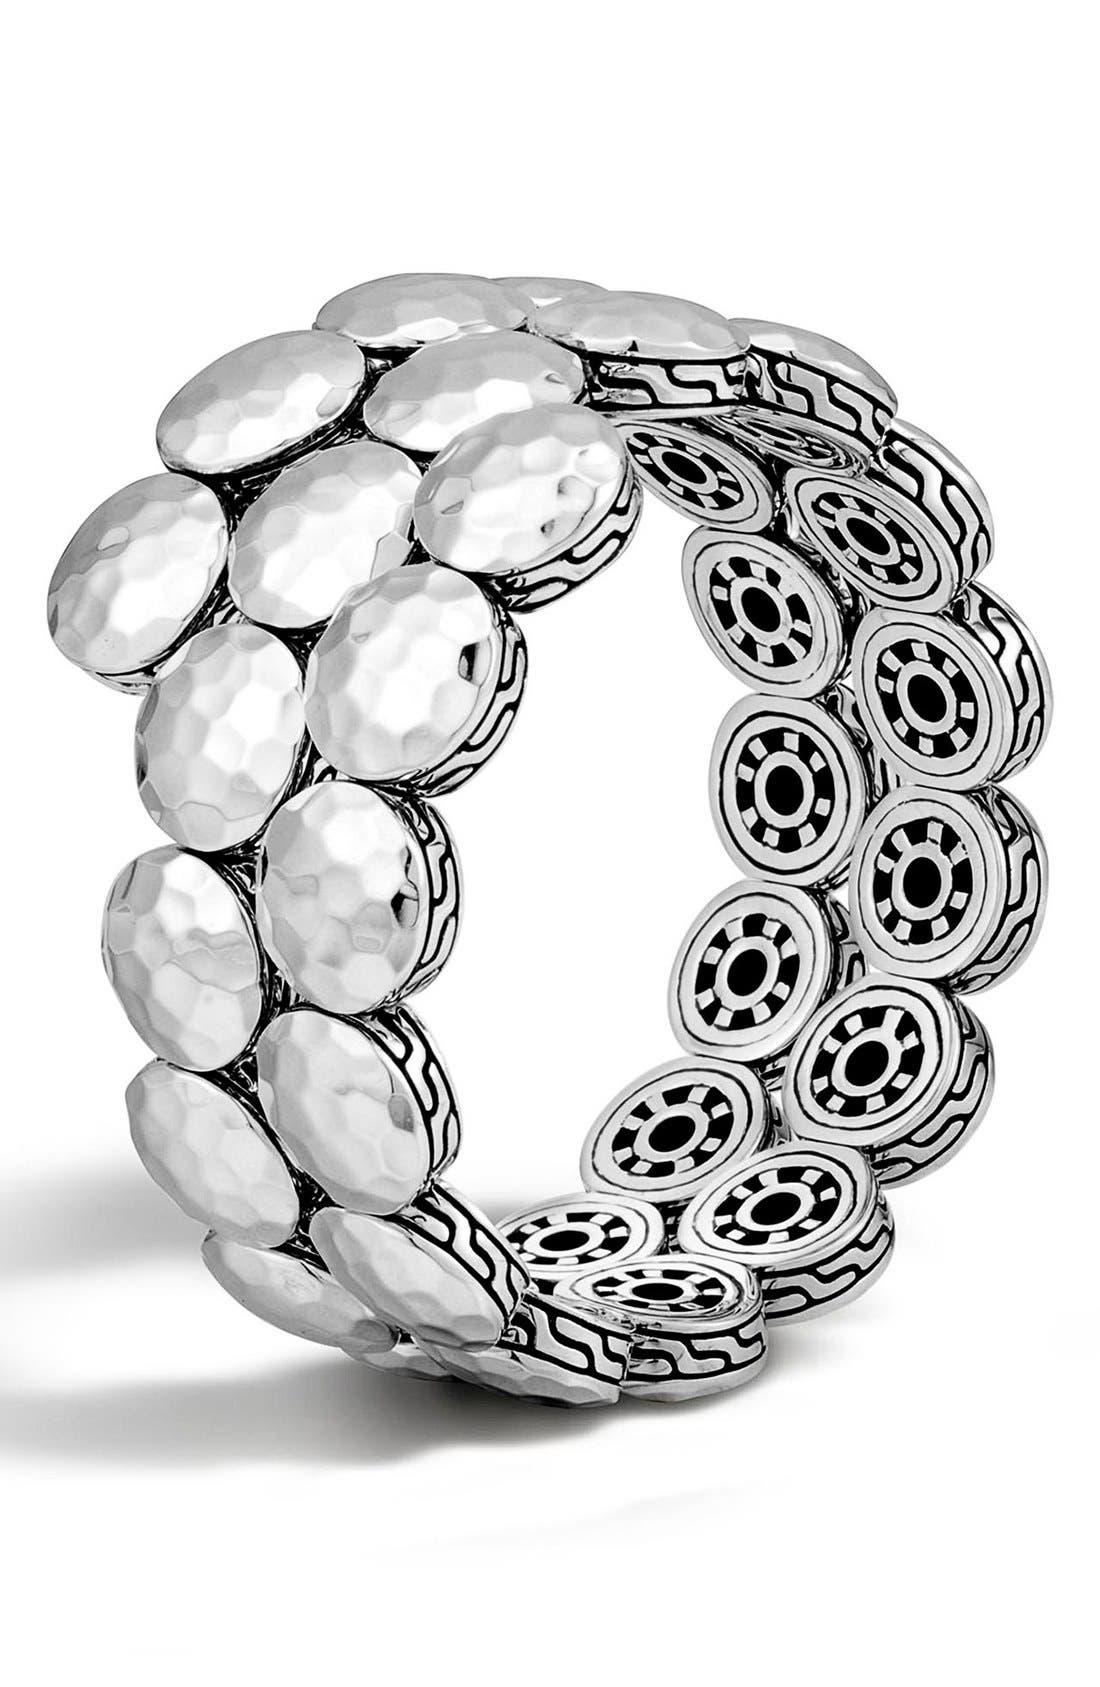 'Dot' Disc Double Coil Bracelet,                             Main thumbnail 1, color,                             Silver